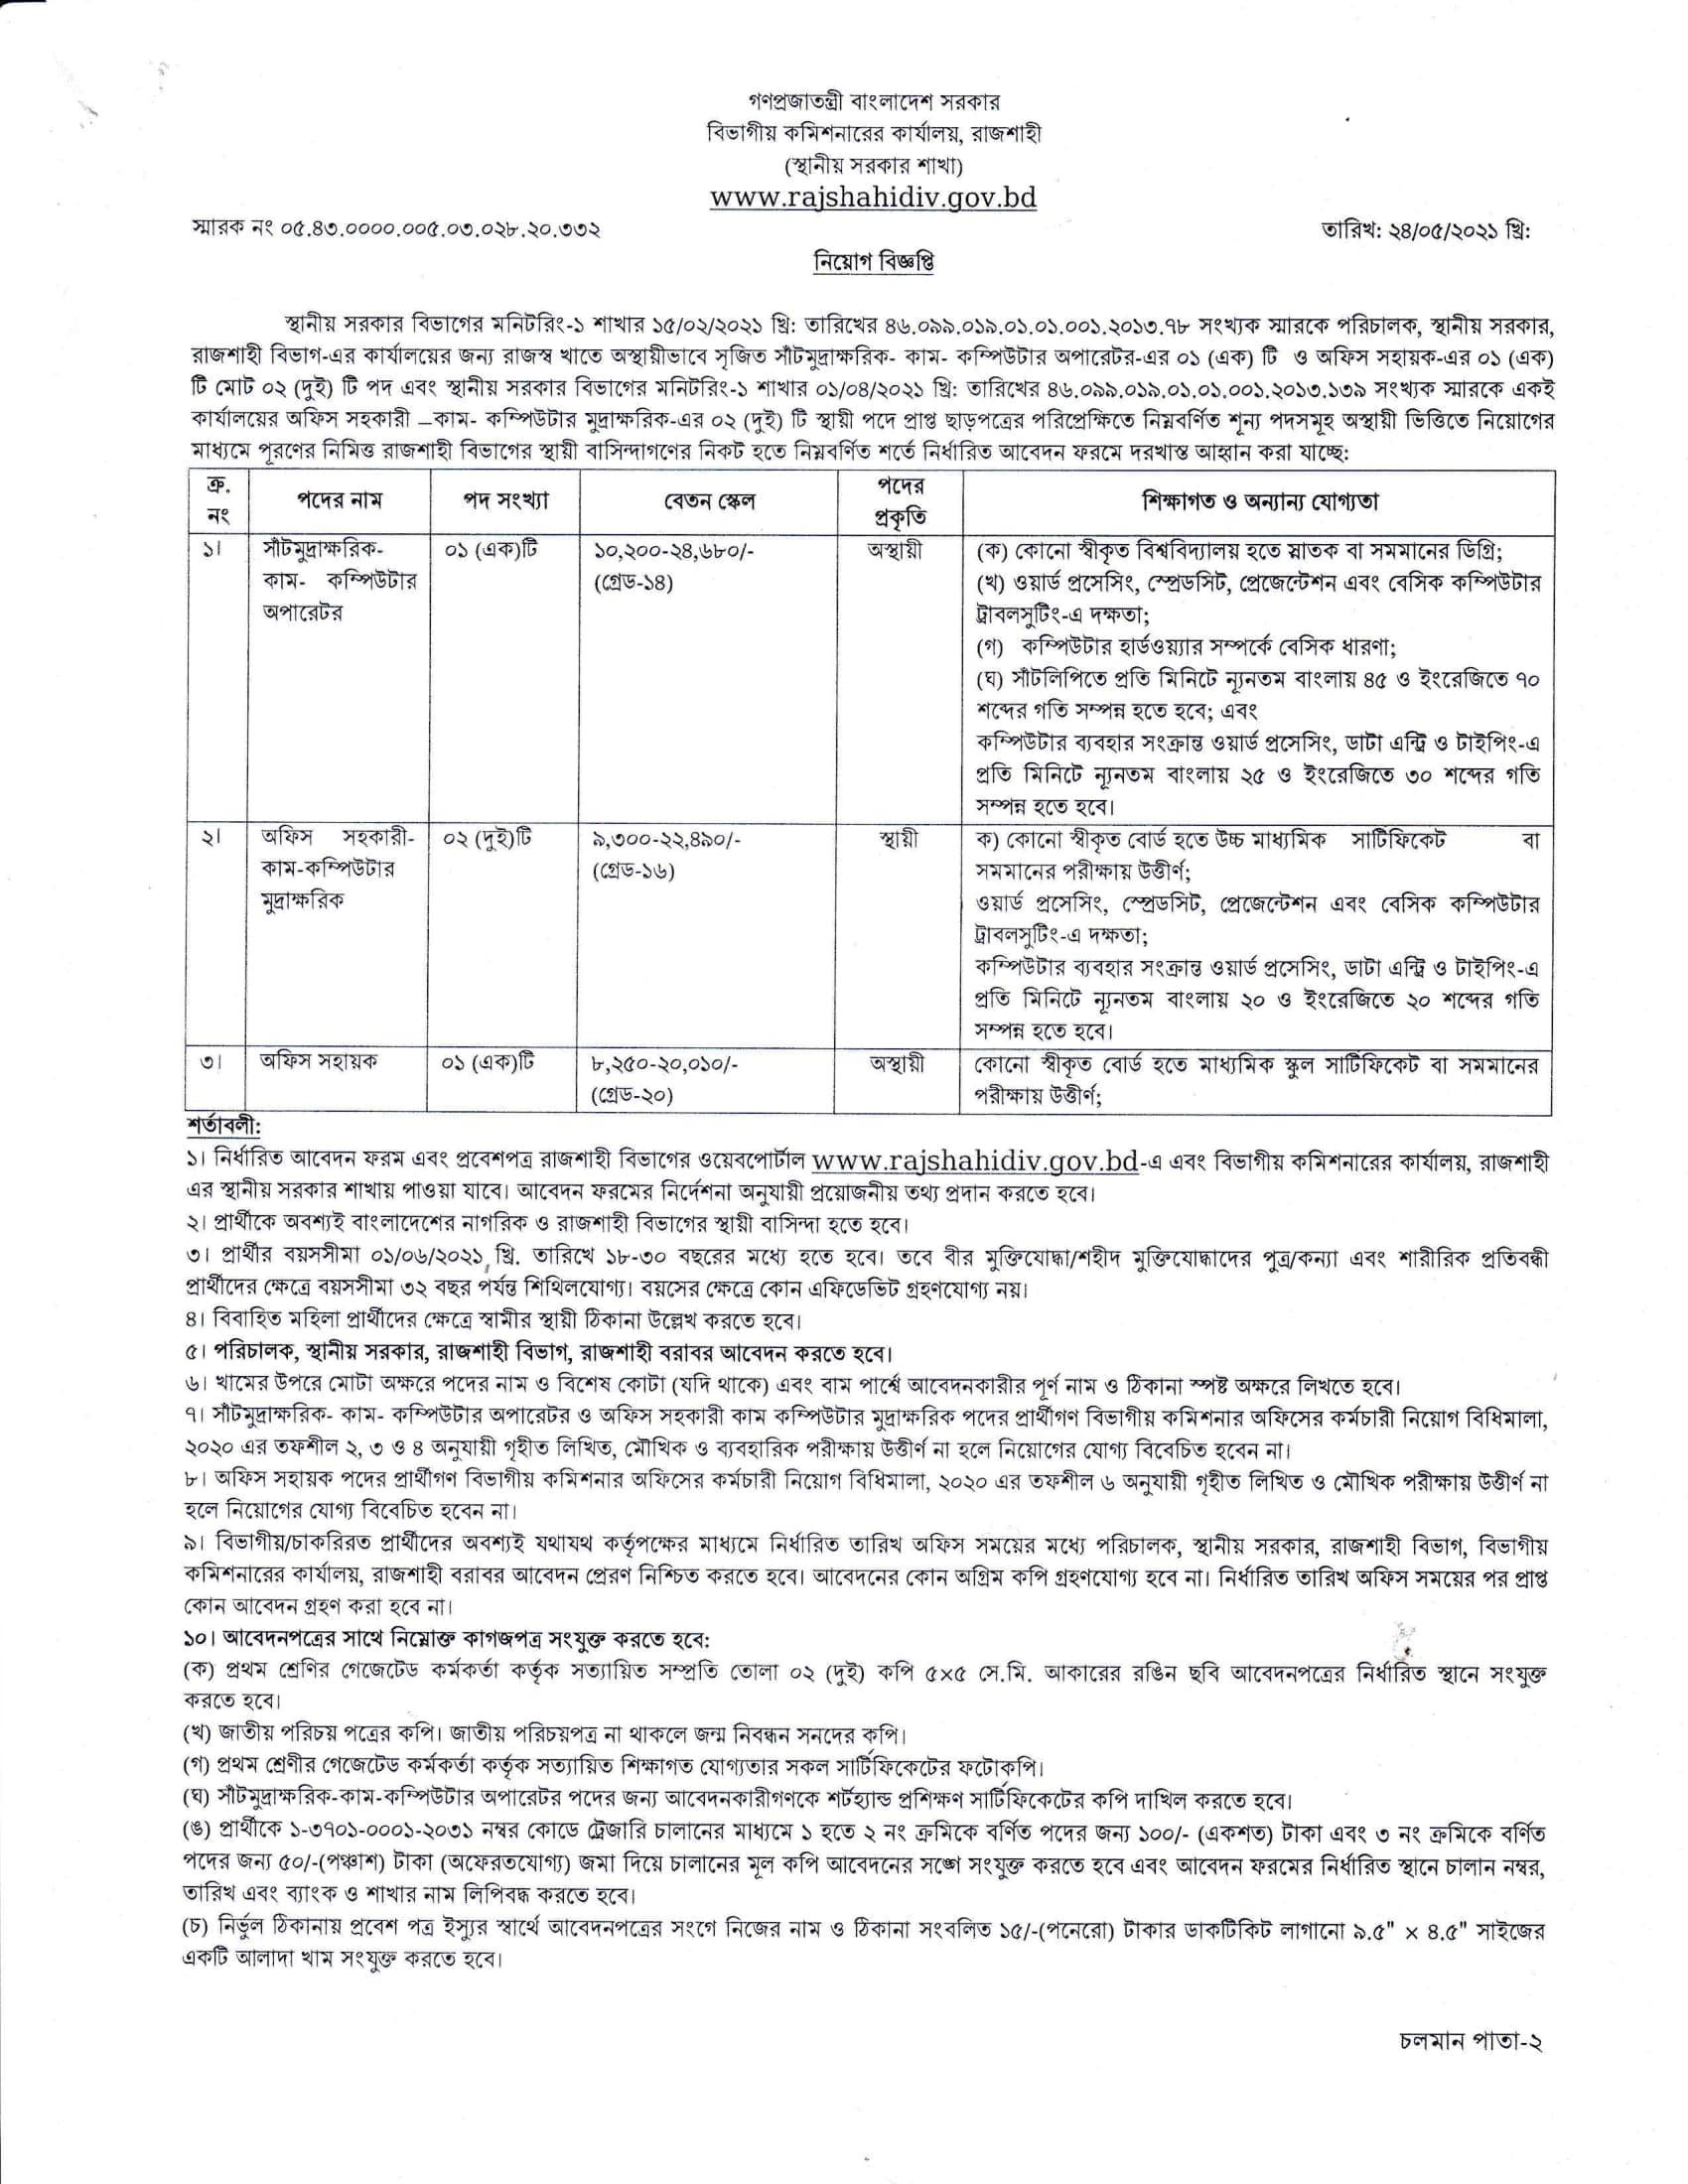 Rajshahi Divisional Commissioners Office Job Circular 2021